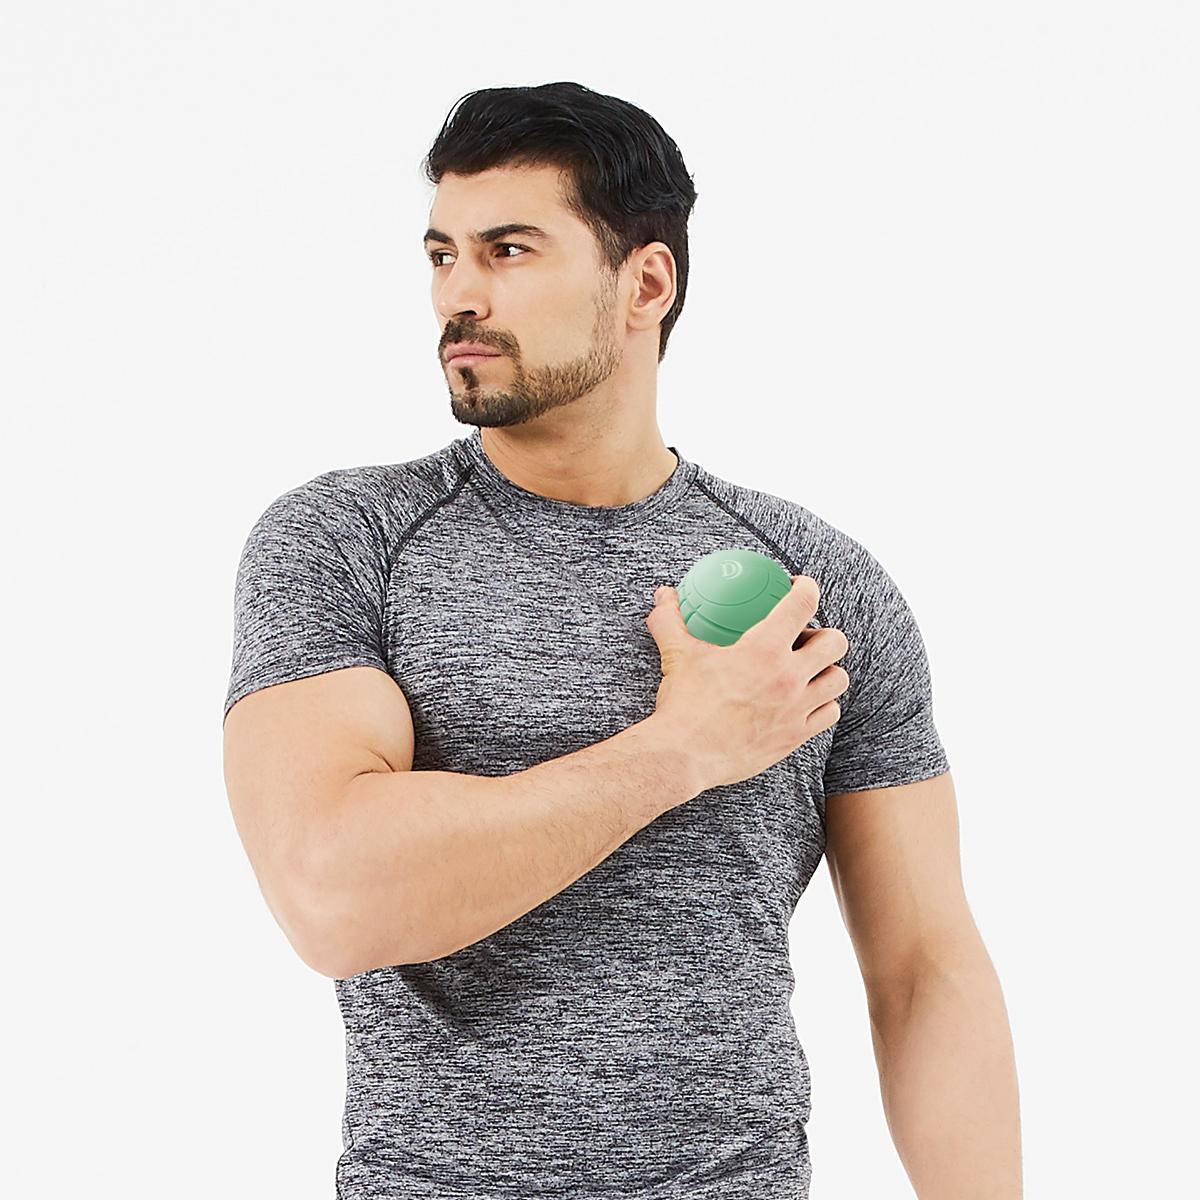 こわばった身体を、狭く深く、狙ってほぐしてくれるストレッチボール Dr.Air 3Dコンディショニングボール